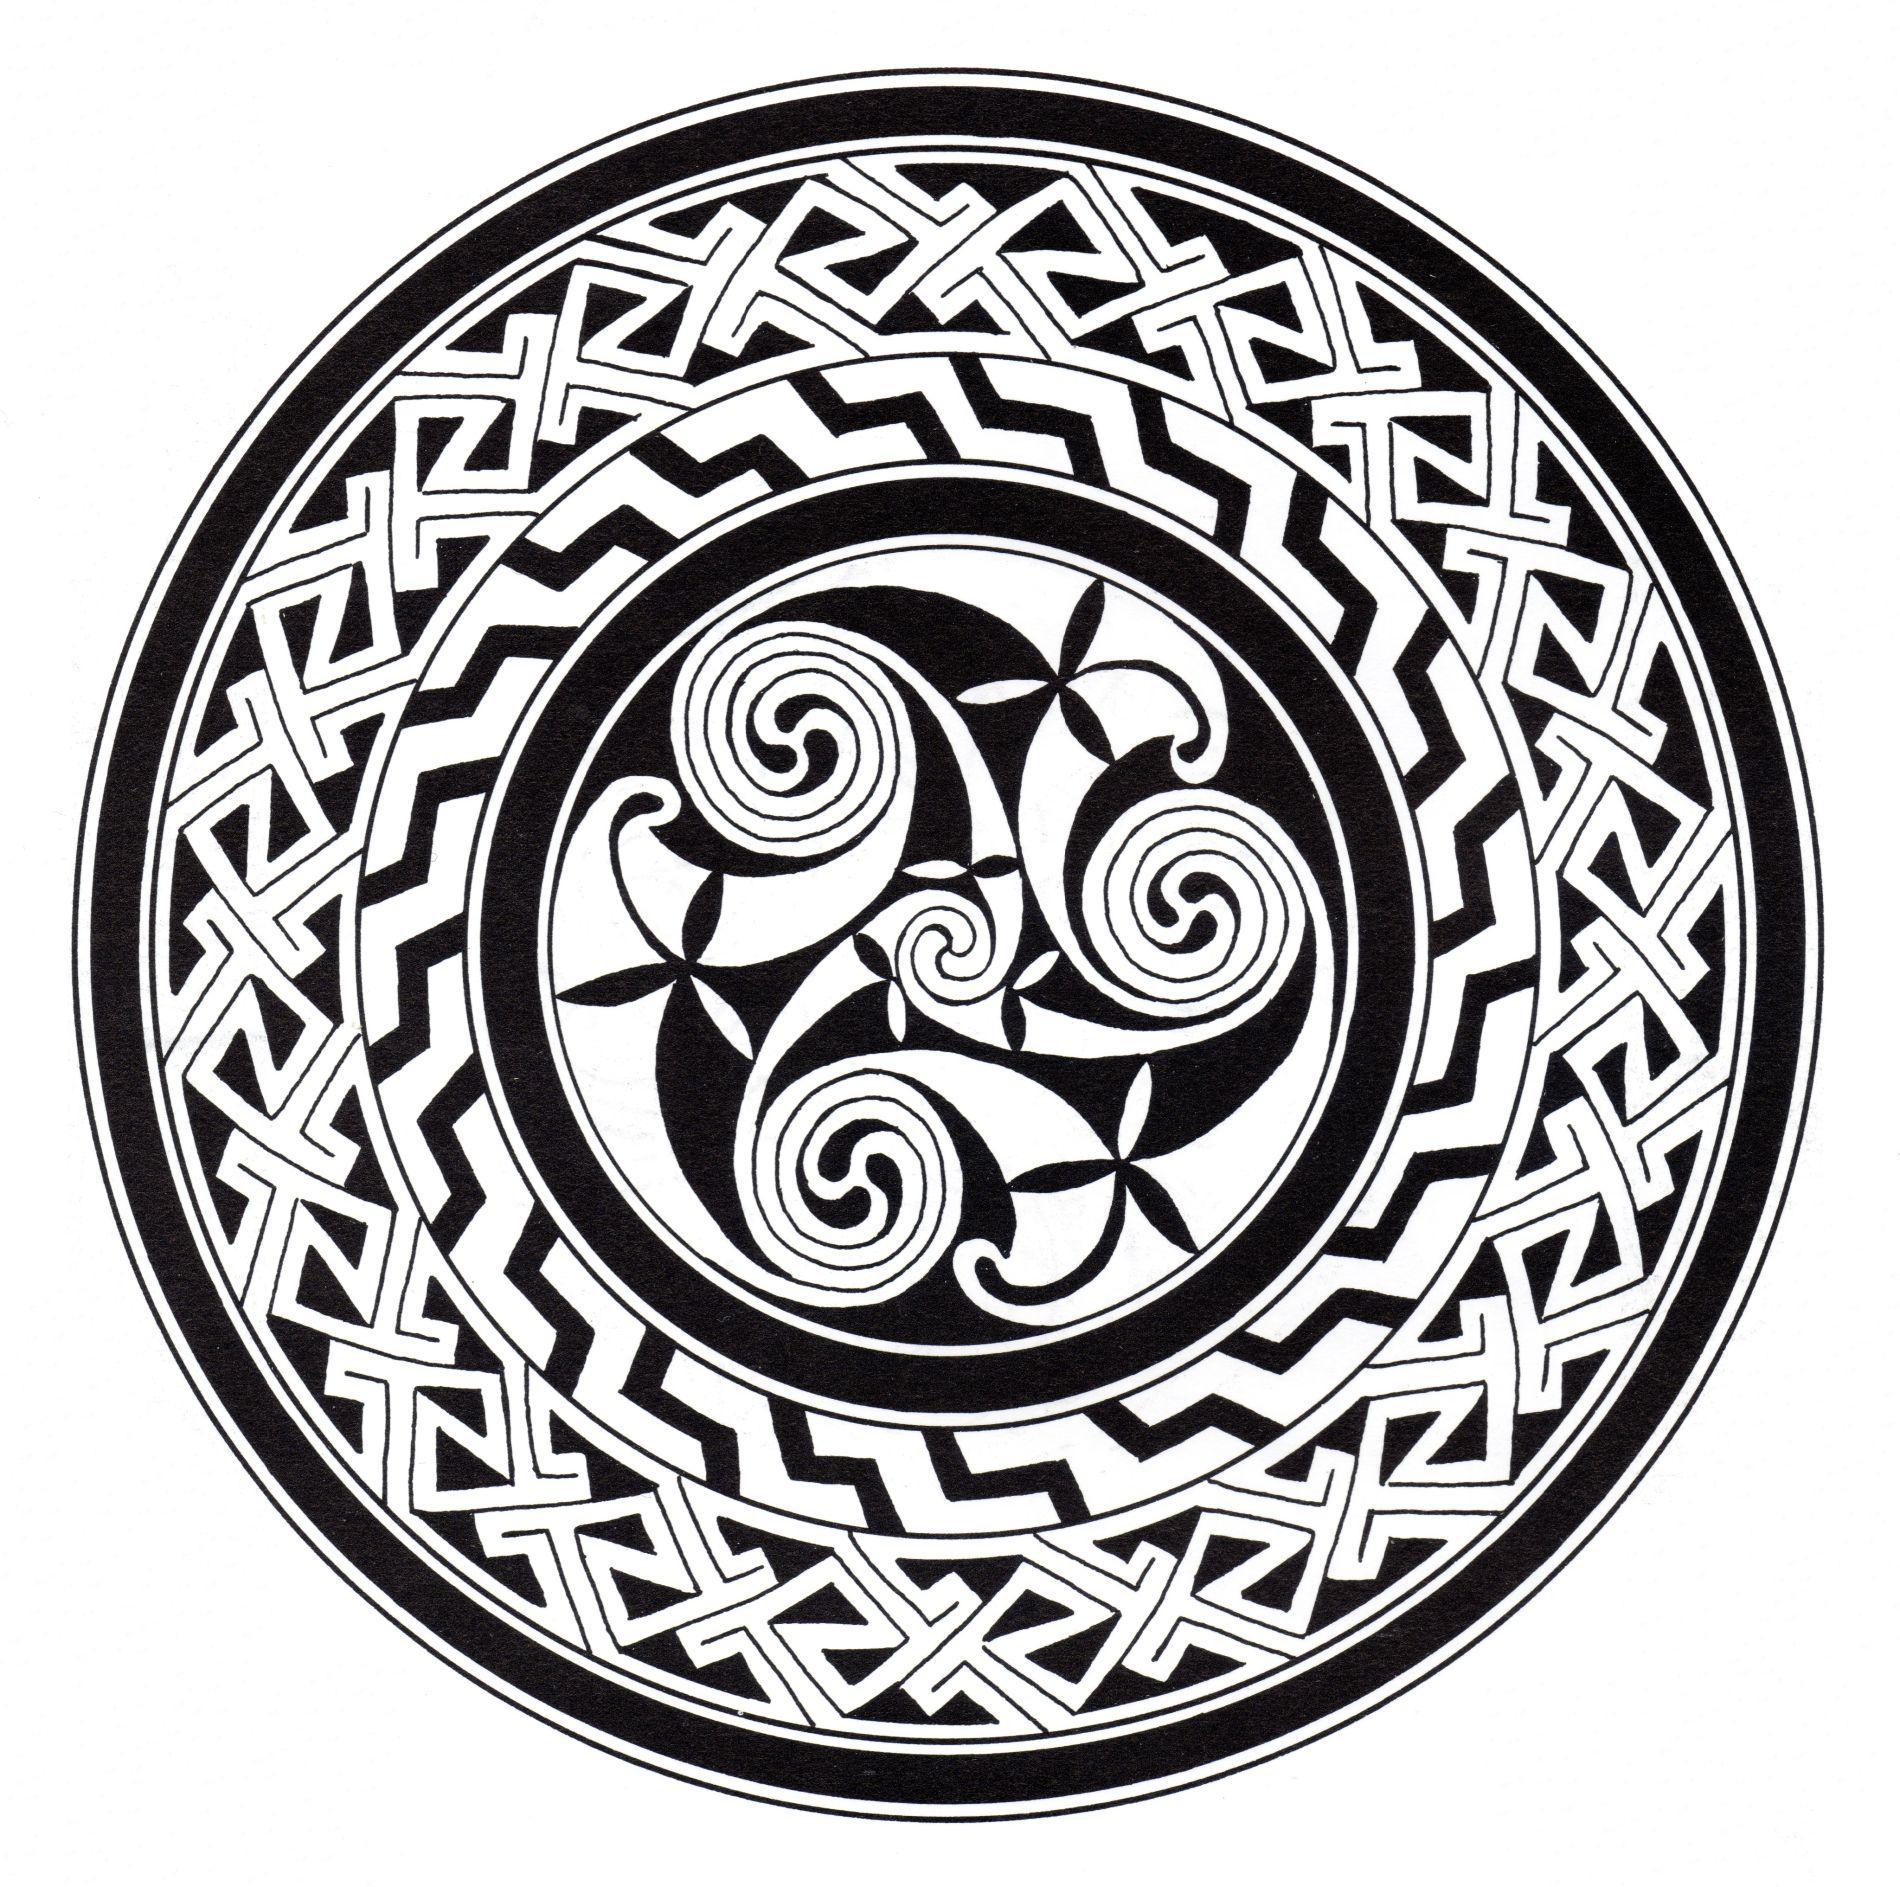 Motifs complexes formant un Mandala celtique